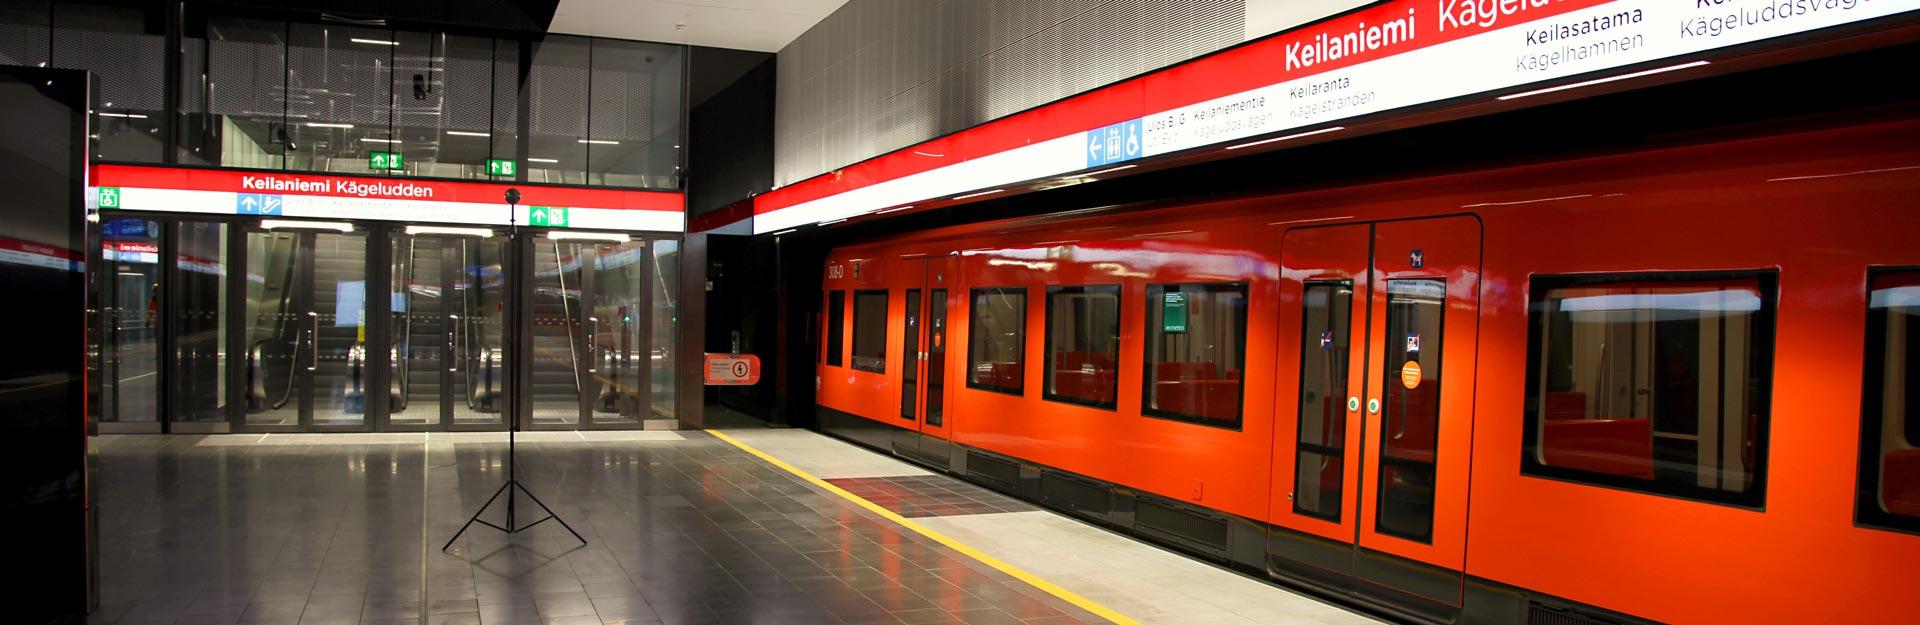 En tom tunnelbana vid Kägeluddens metrostation.